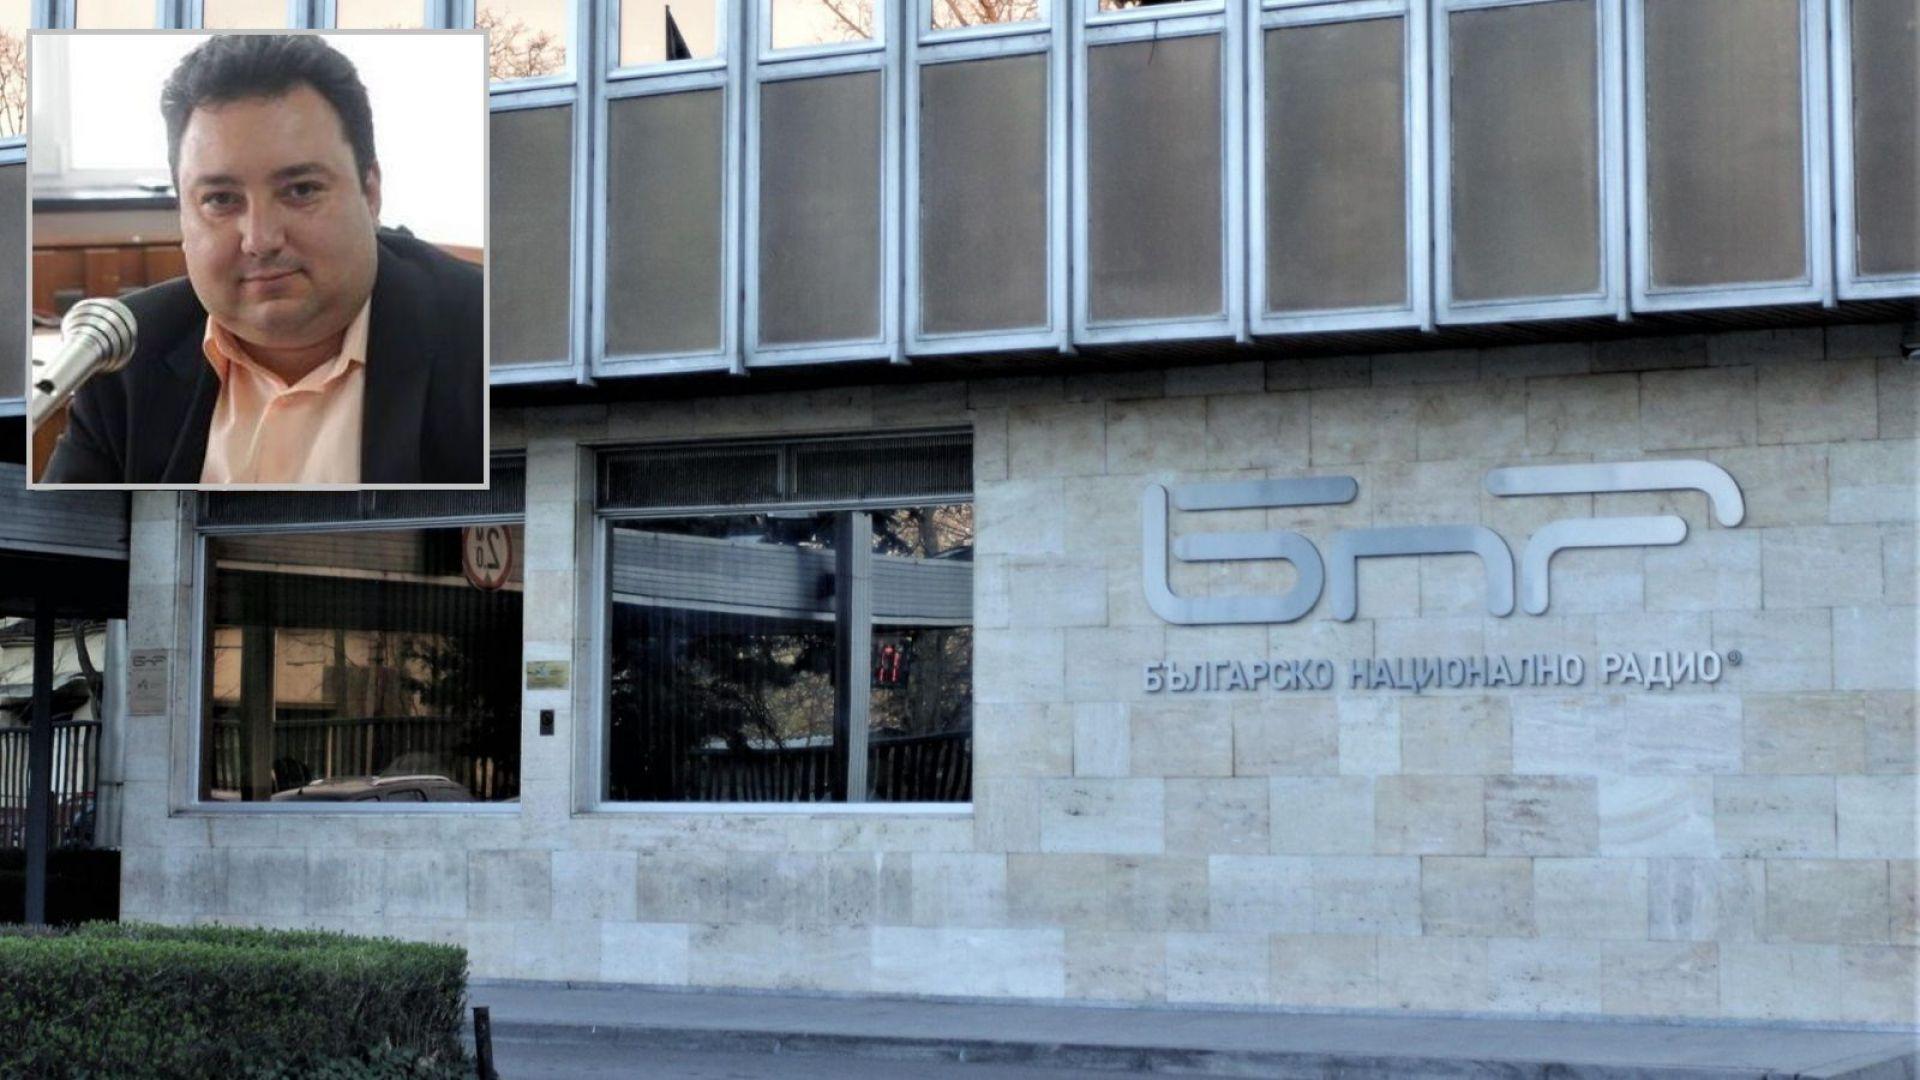 Служители в БНР подкрепиха генералния директор след поисканата от СЕМ оставка